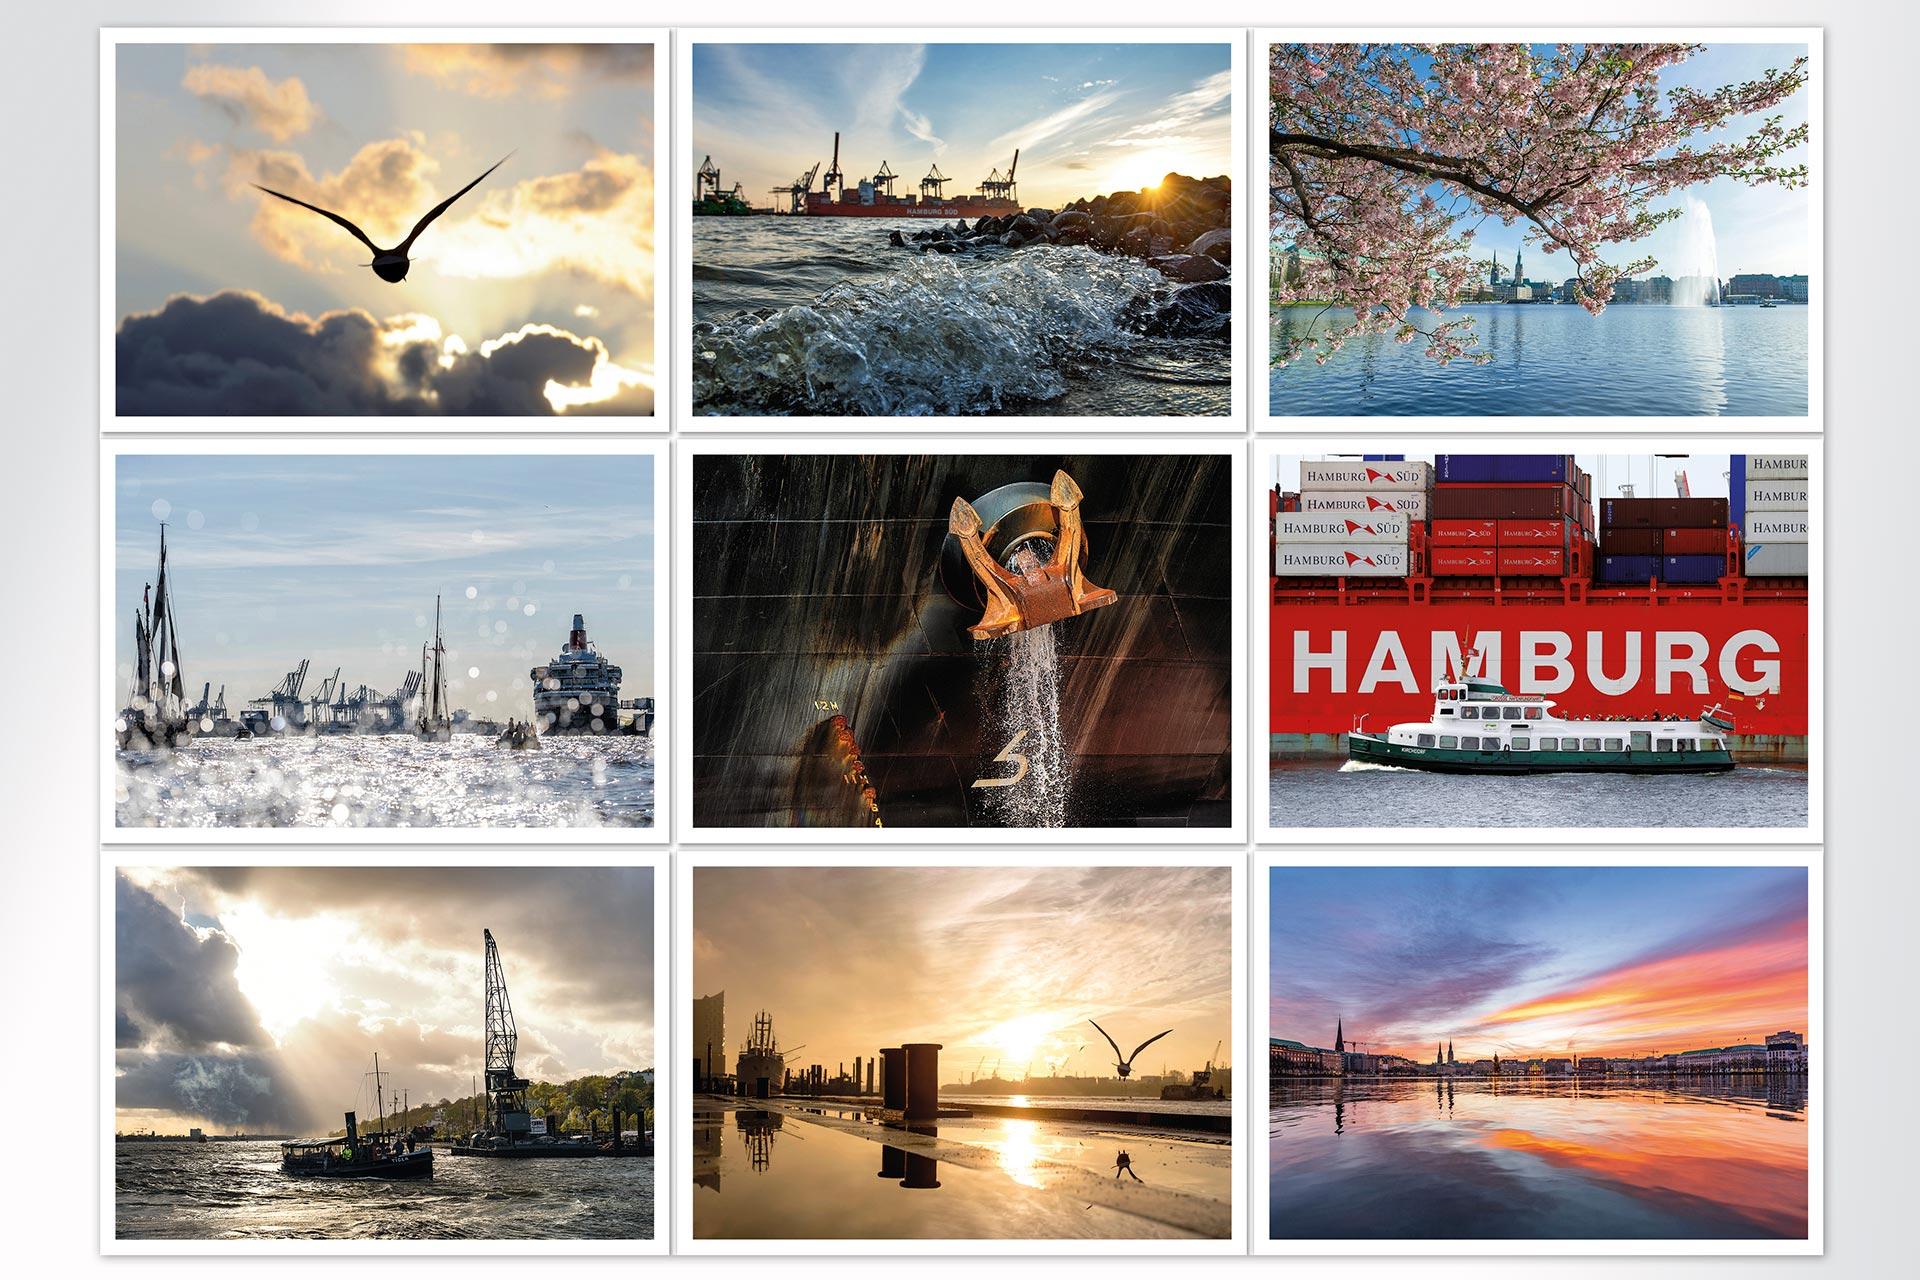 PKM Postkarten Postkartenset Hamburg Maritim michel und elbe